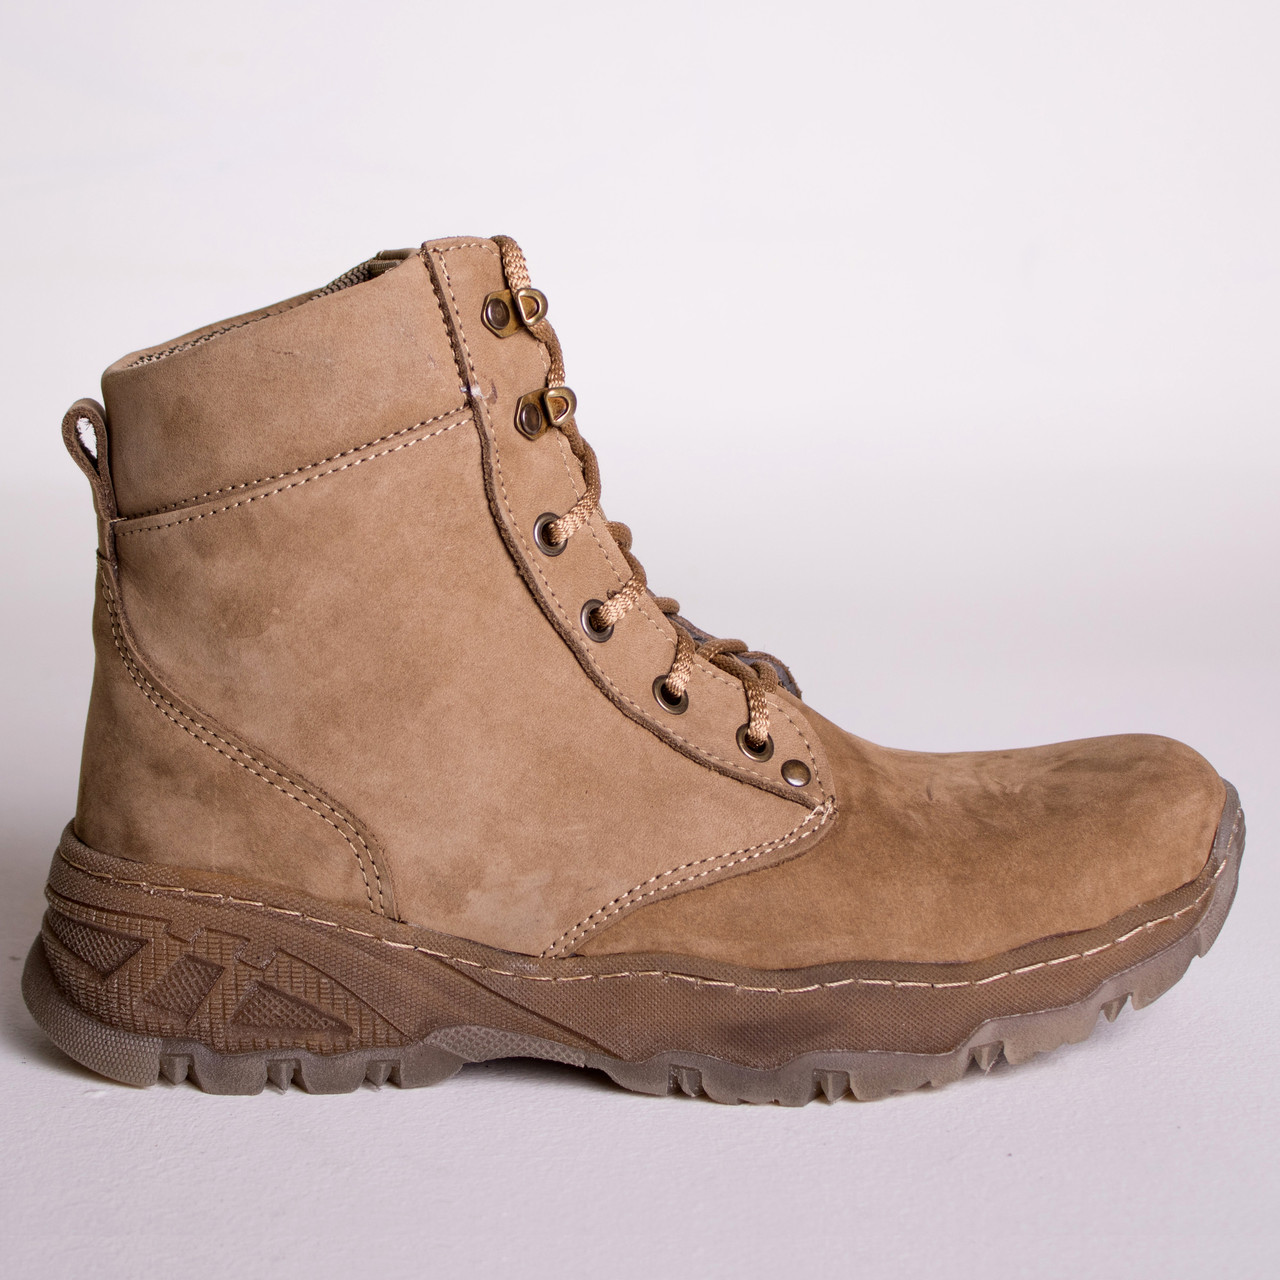 Ботинки Тактические, Зимние AR-01 Песочные ( натуральный мех )